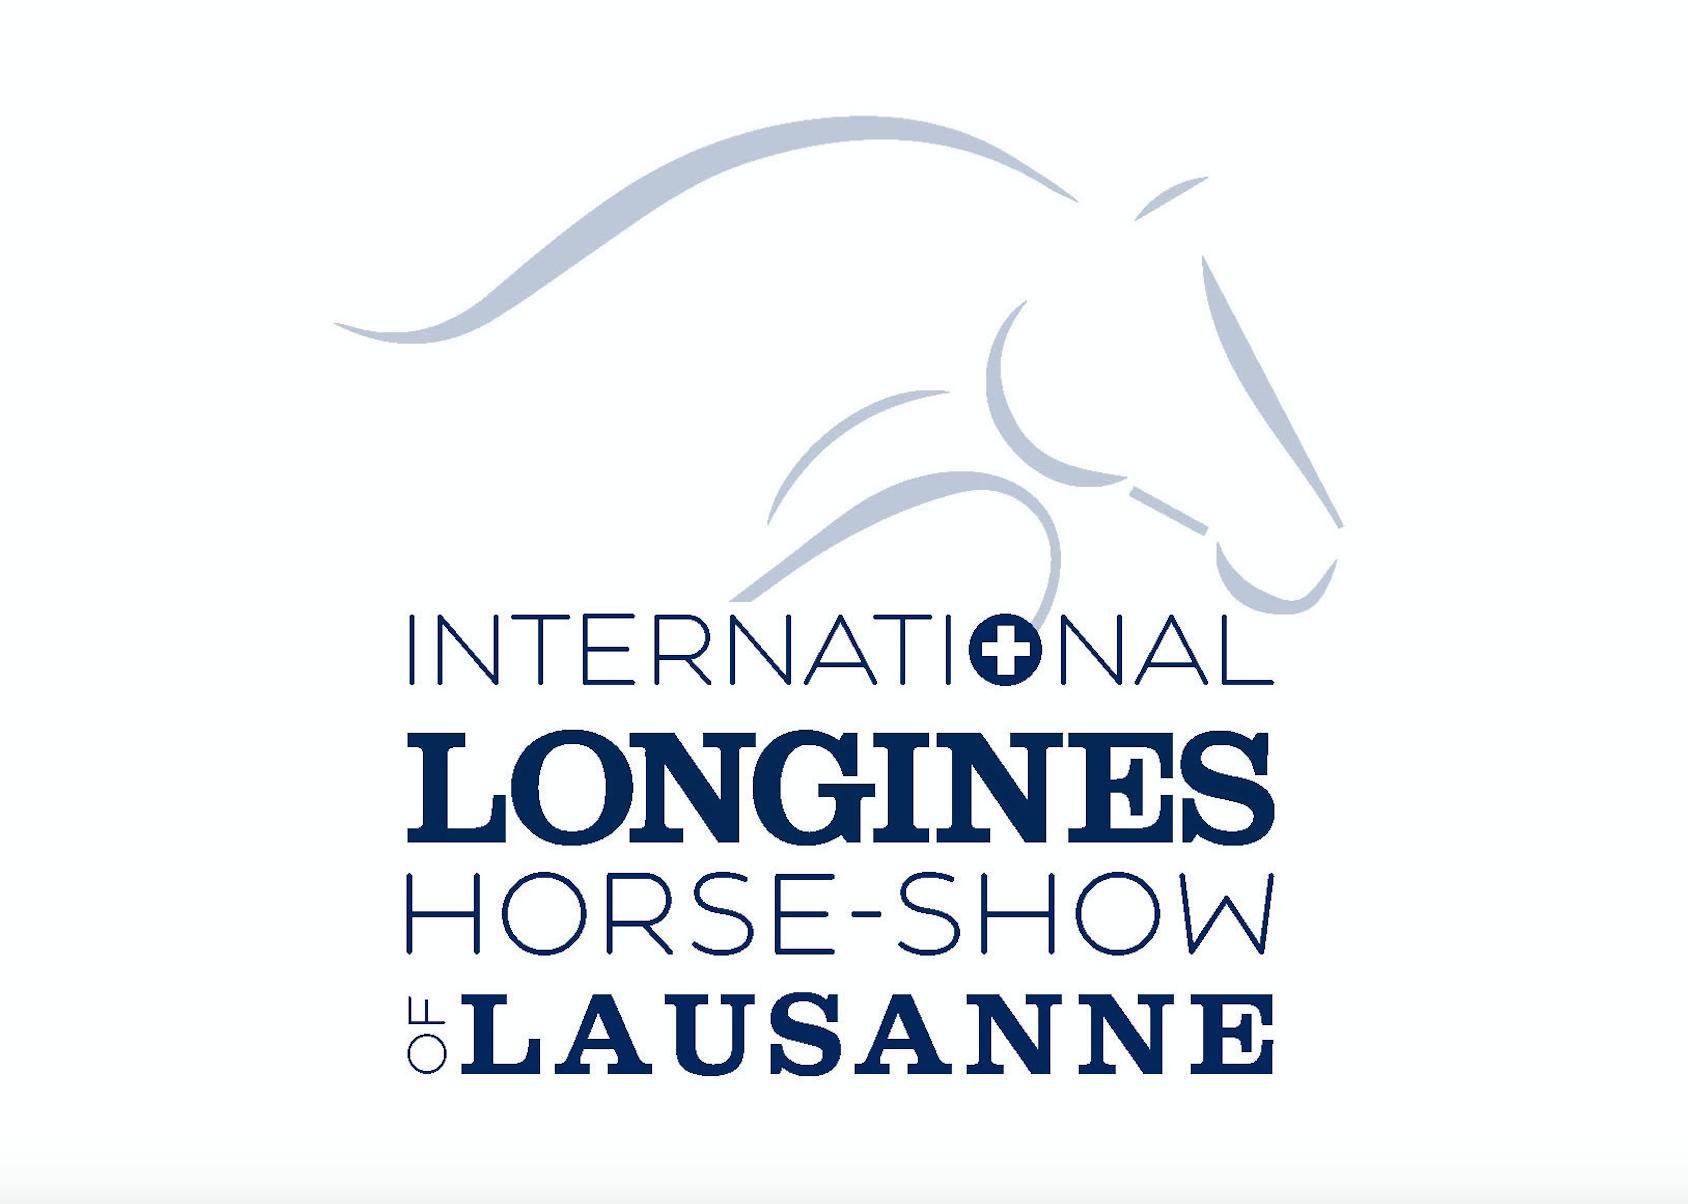 longines-horse-show-lausanne